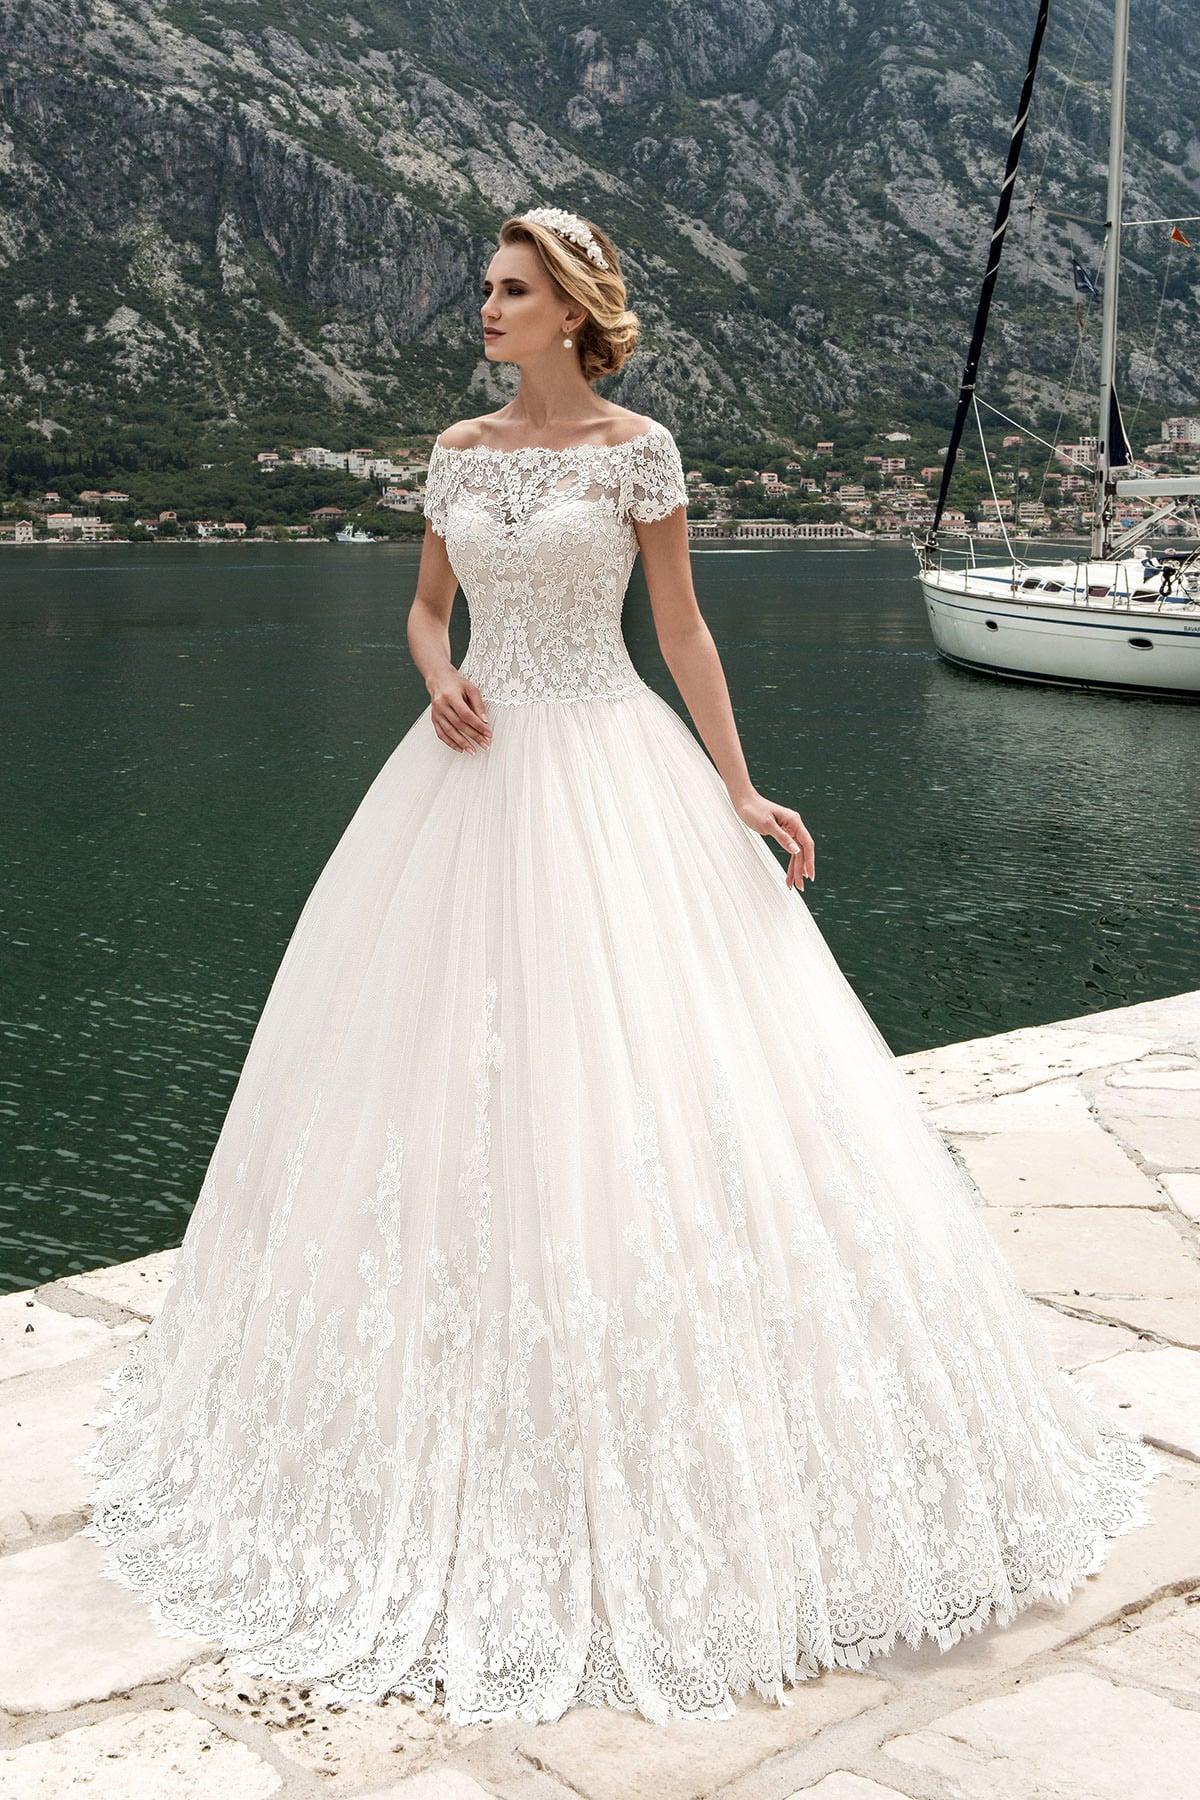 a9466299bd9 Пышное свадебное платье с округлым декольте и короткими облегающими  рукавами из кружева.